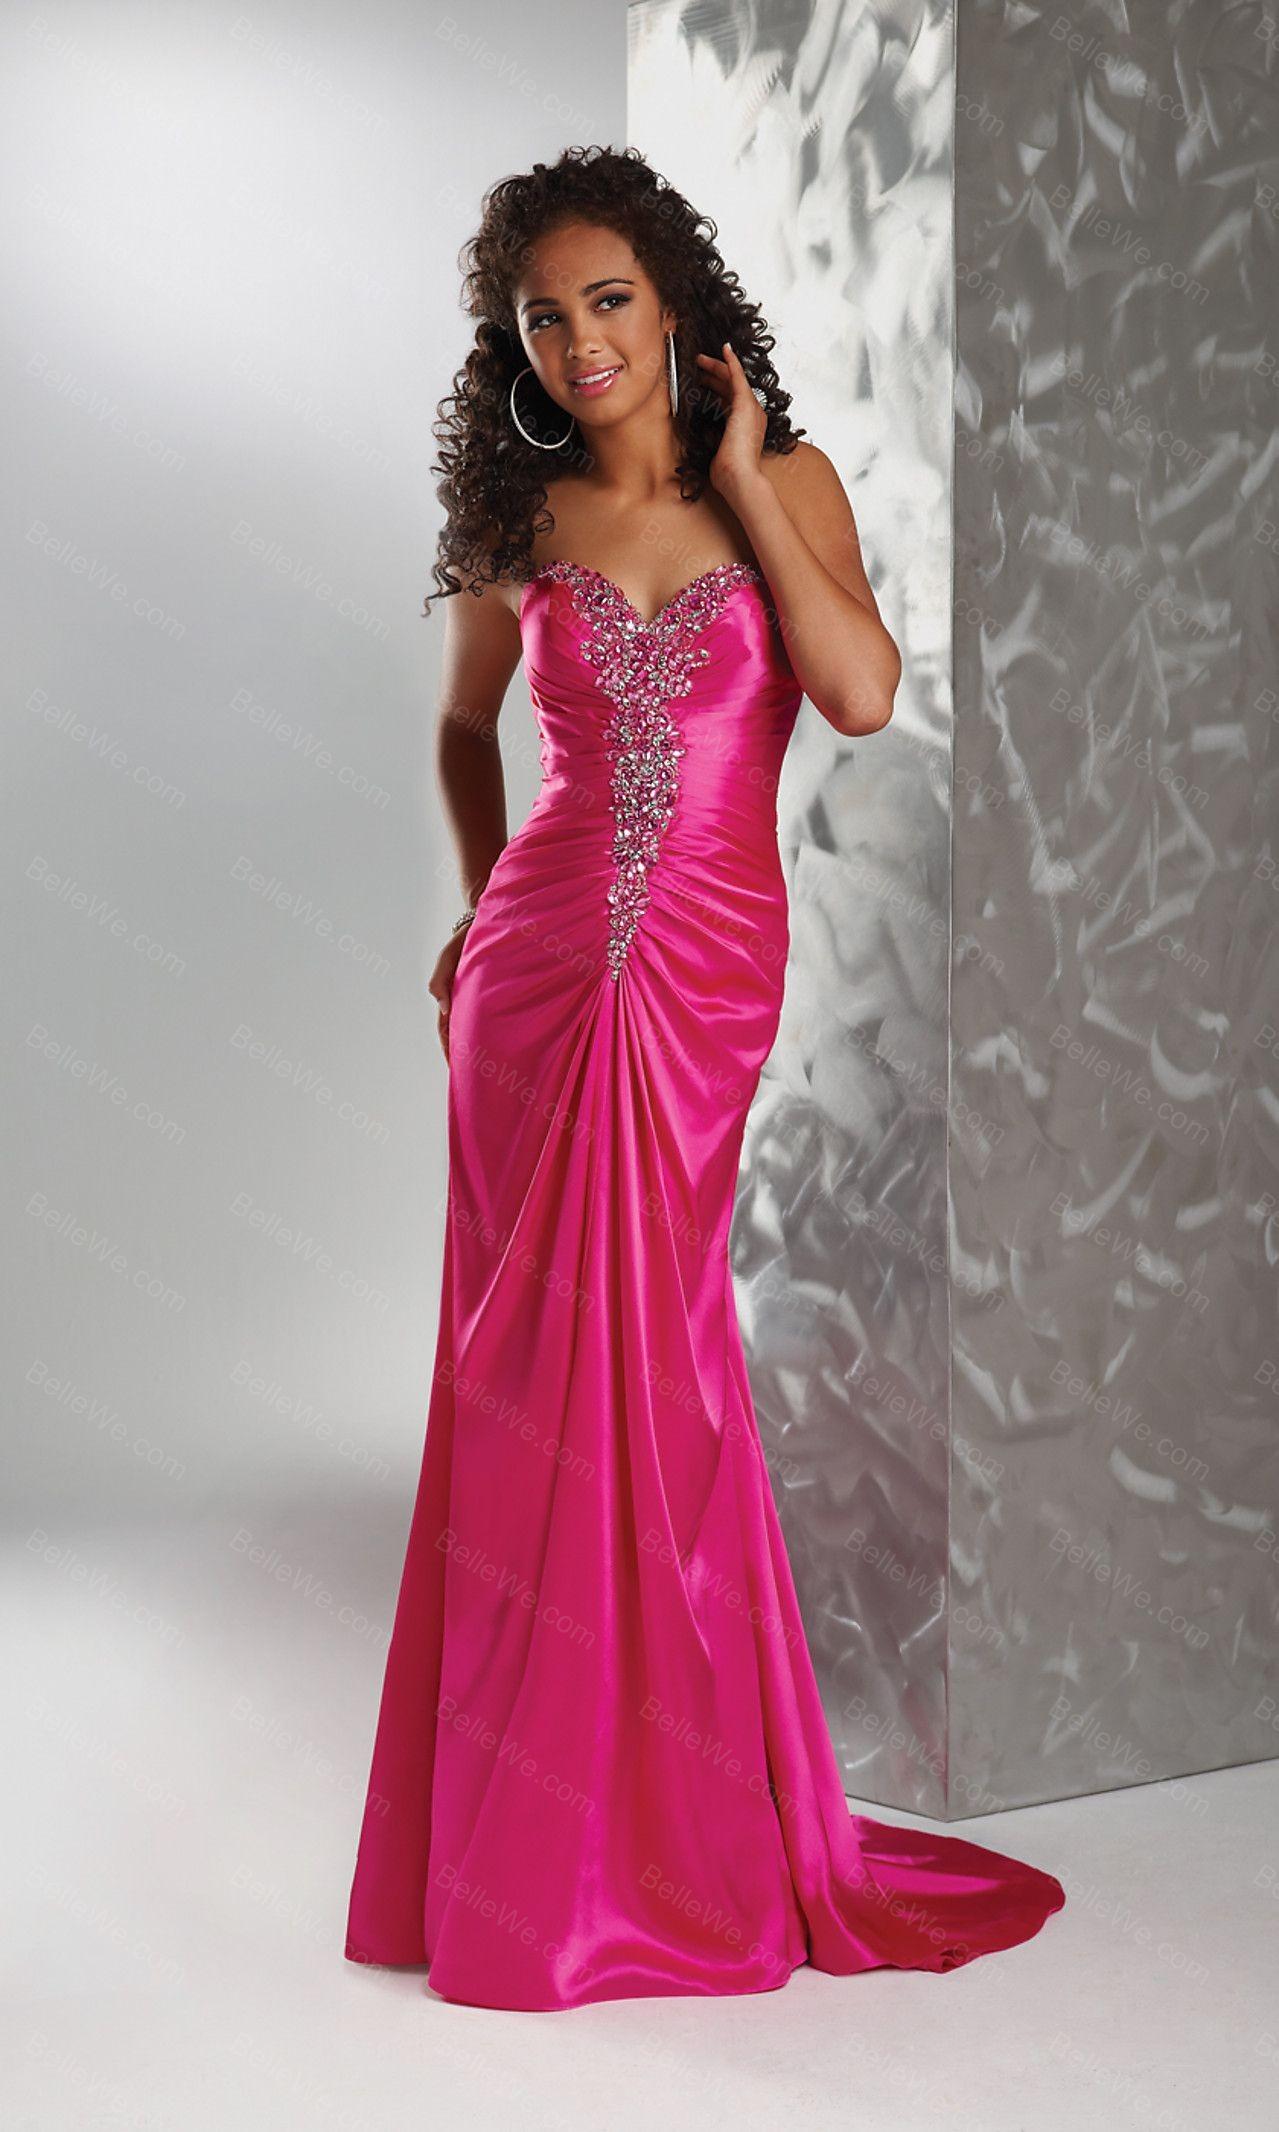 d5149643b569a Boutique Une De Rose Robe Soirée Maud La m8n0vNw